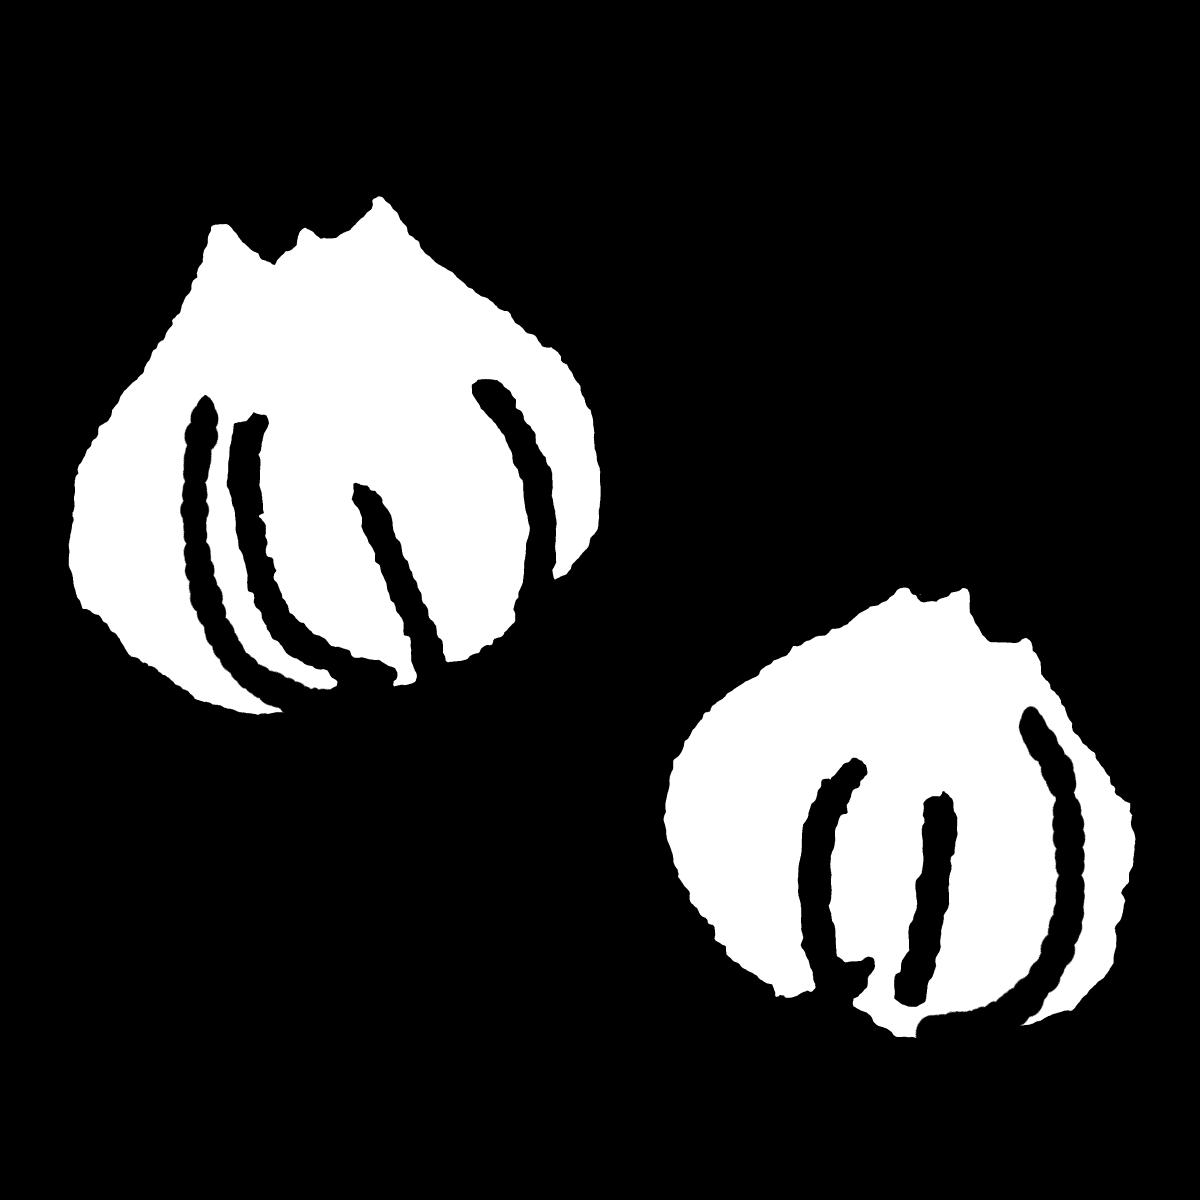 玉ねぎのイラスト / Onion Illustration